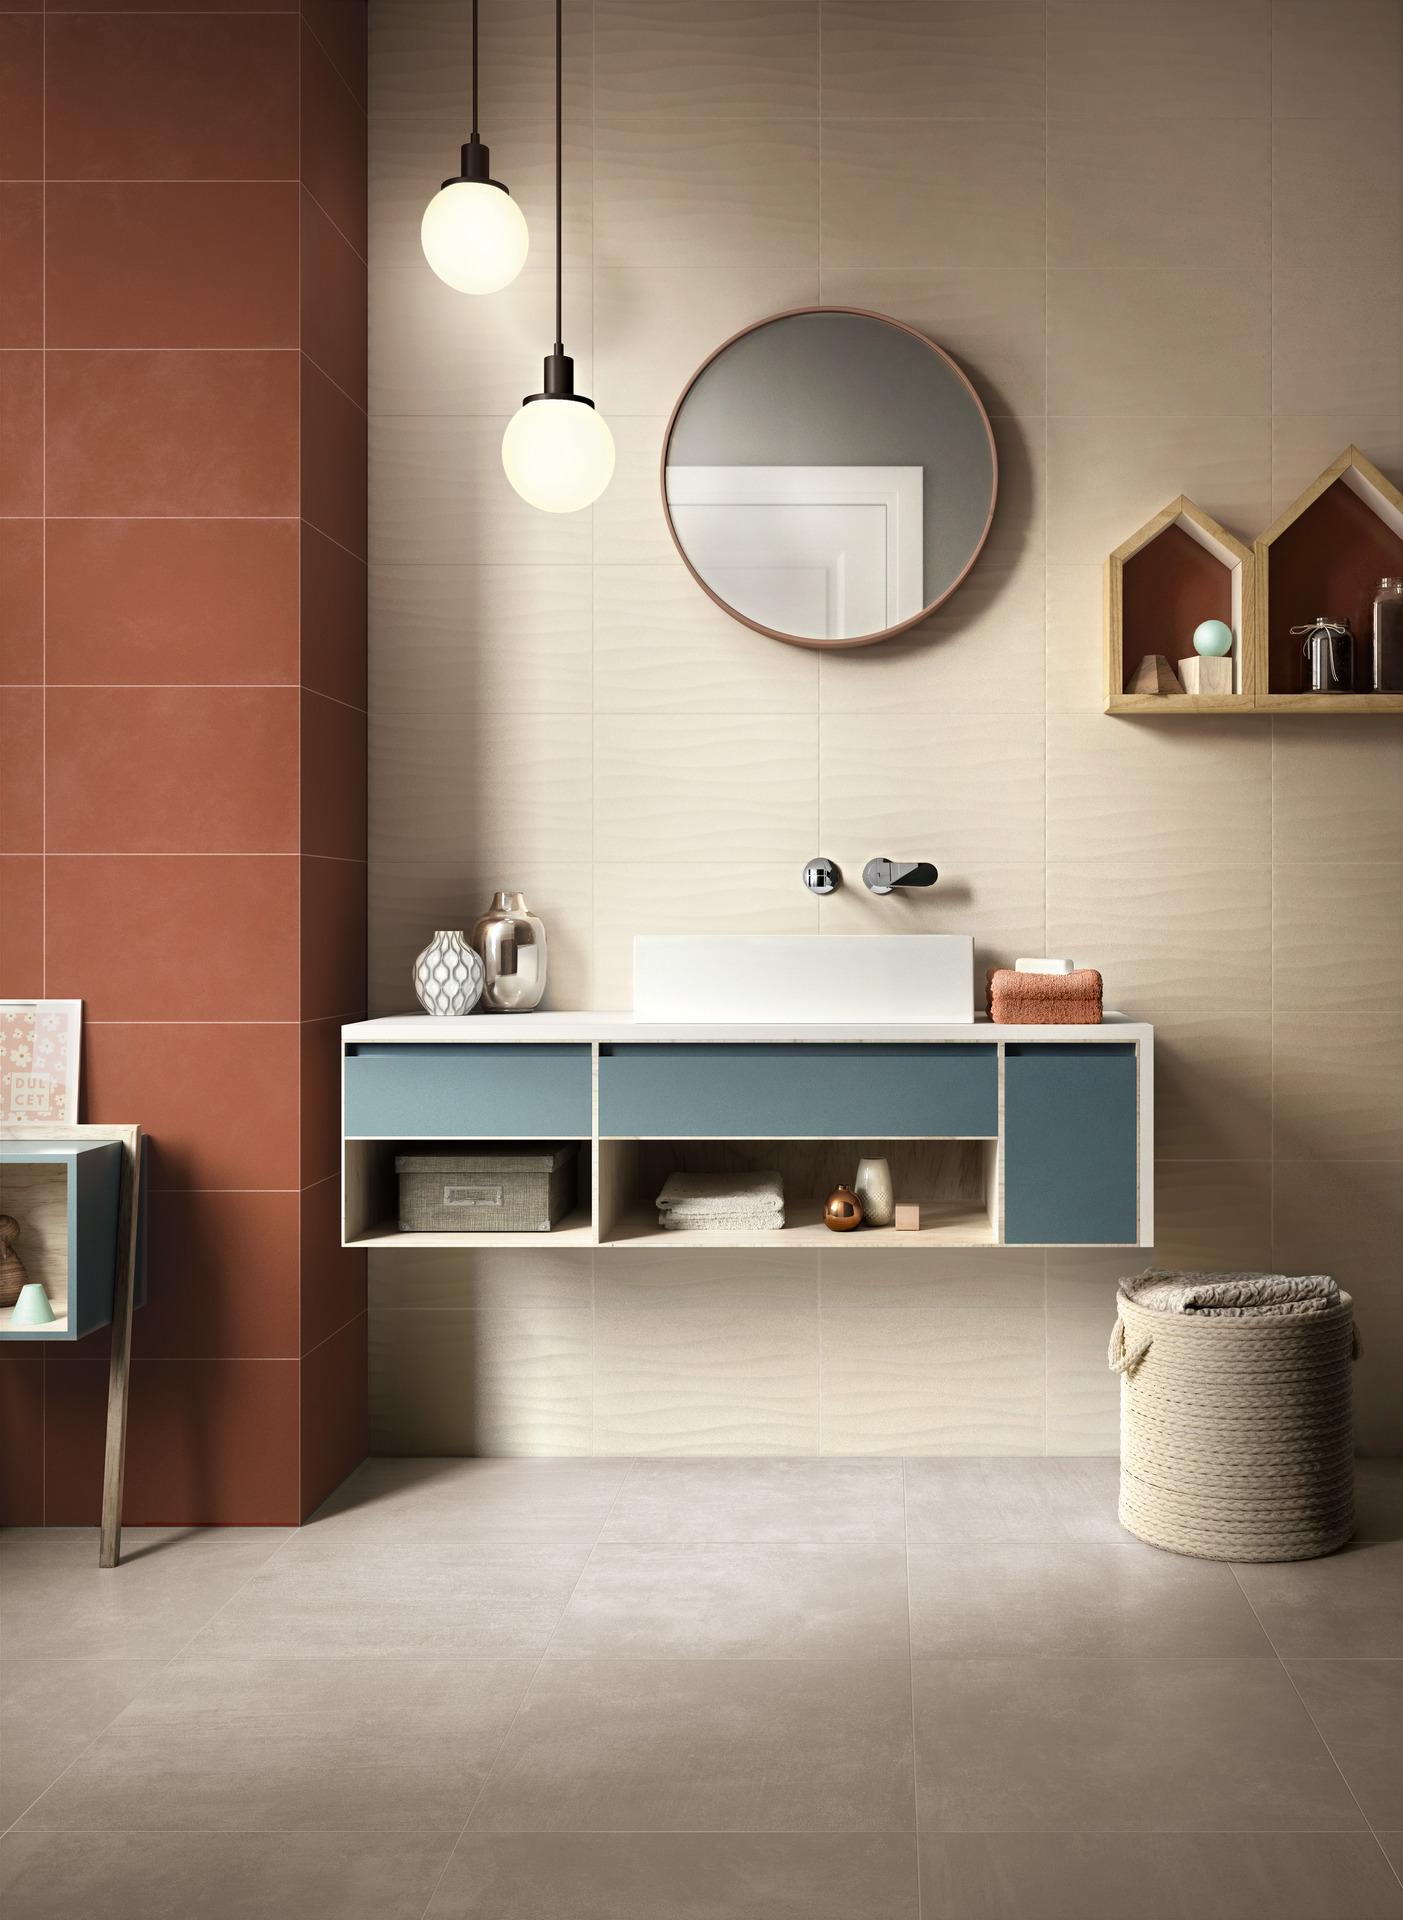 Bathroom flooring in porcelain stoneware ragno - Top bagno gres porcellanato ...